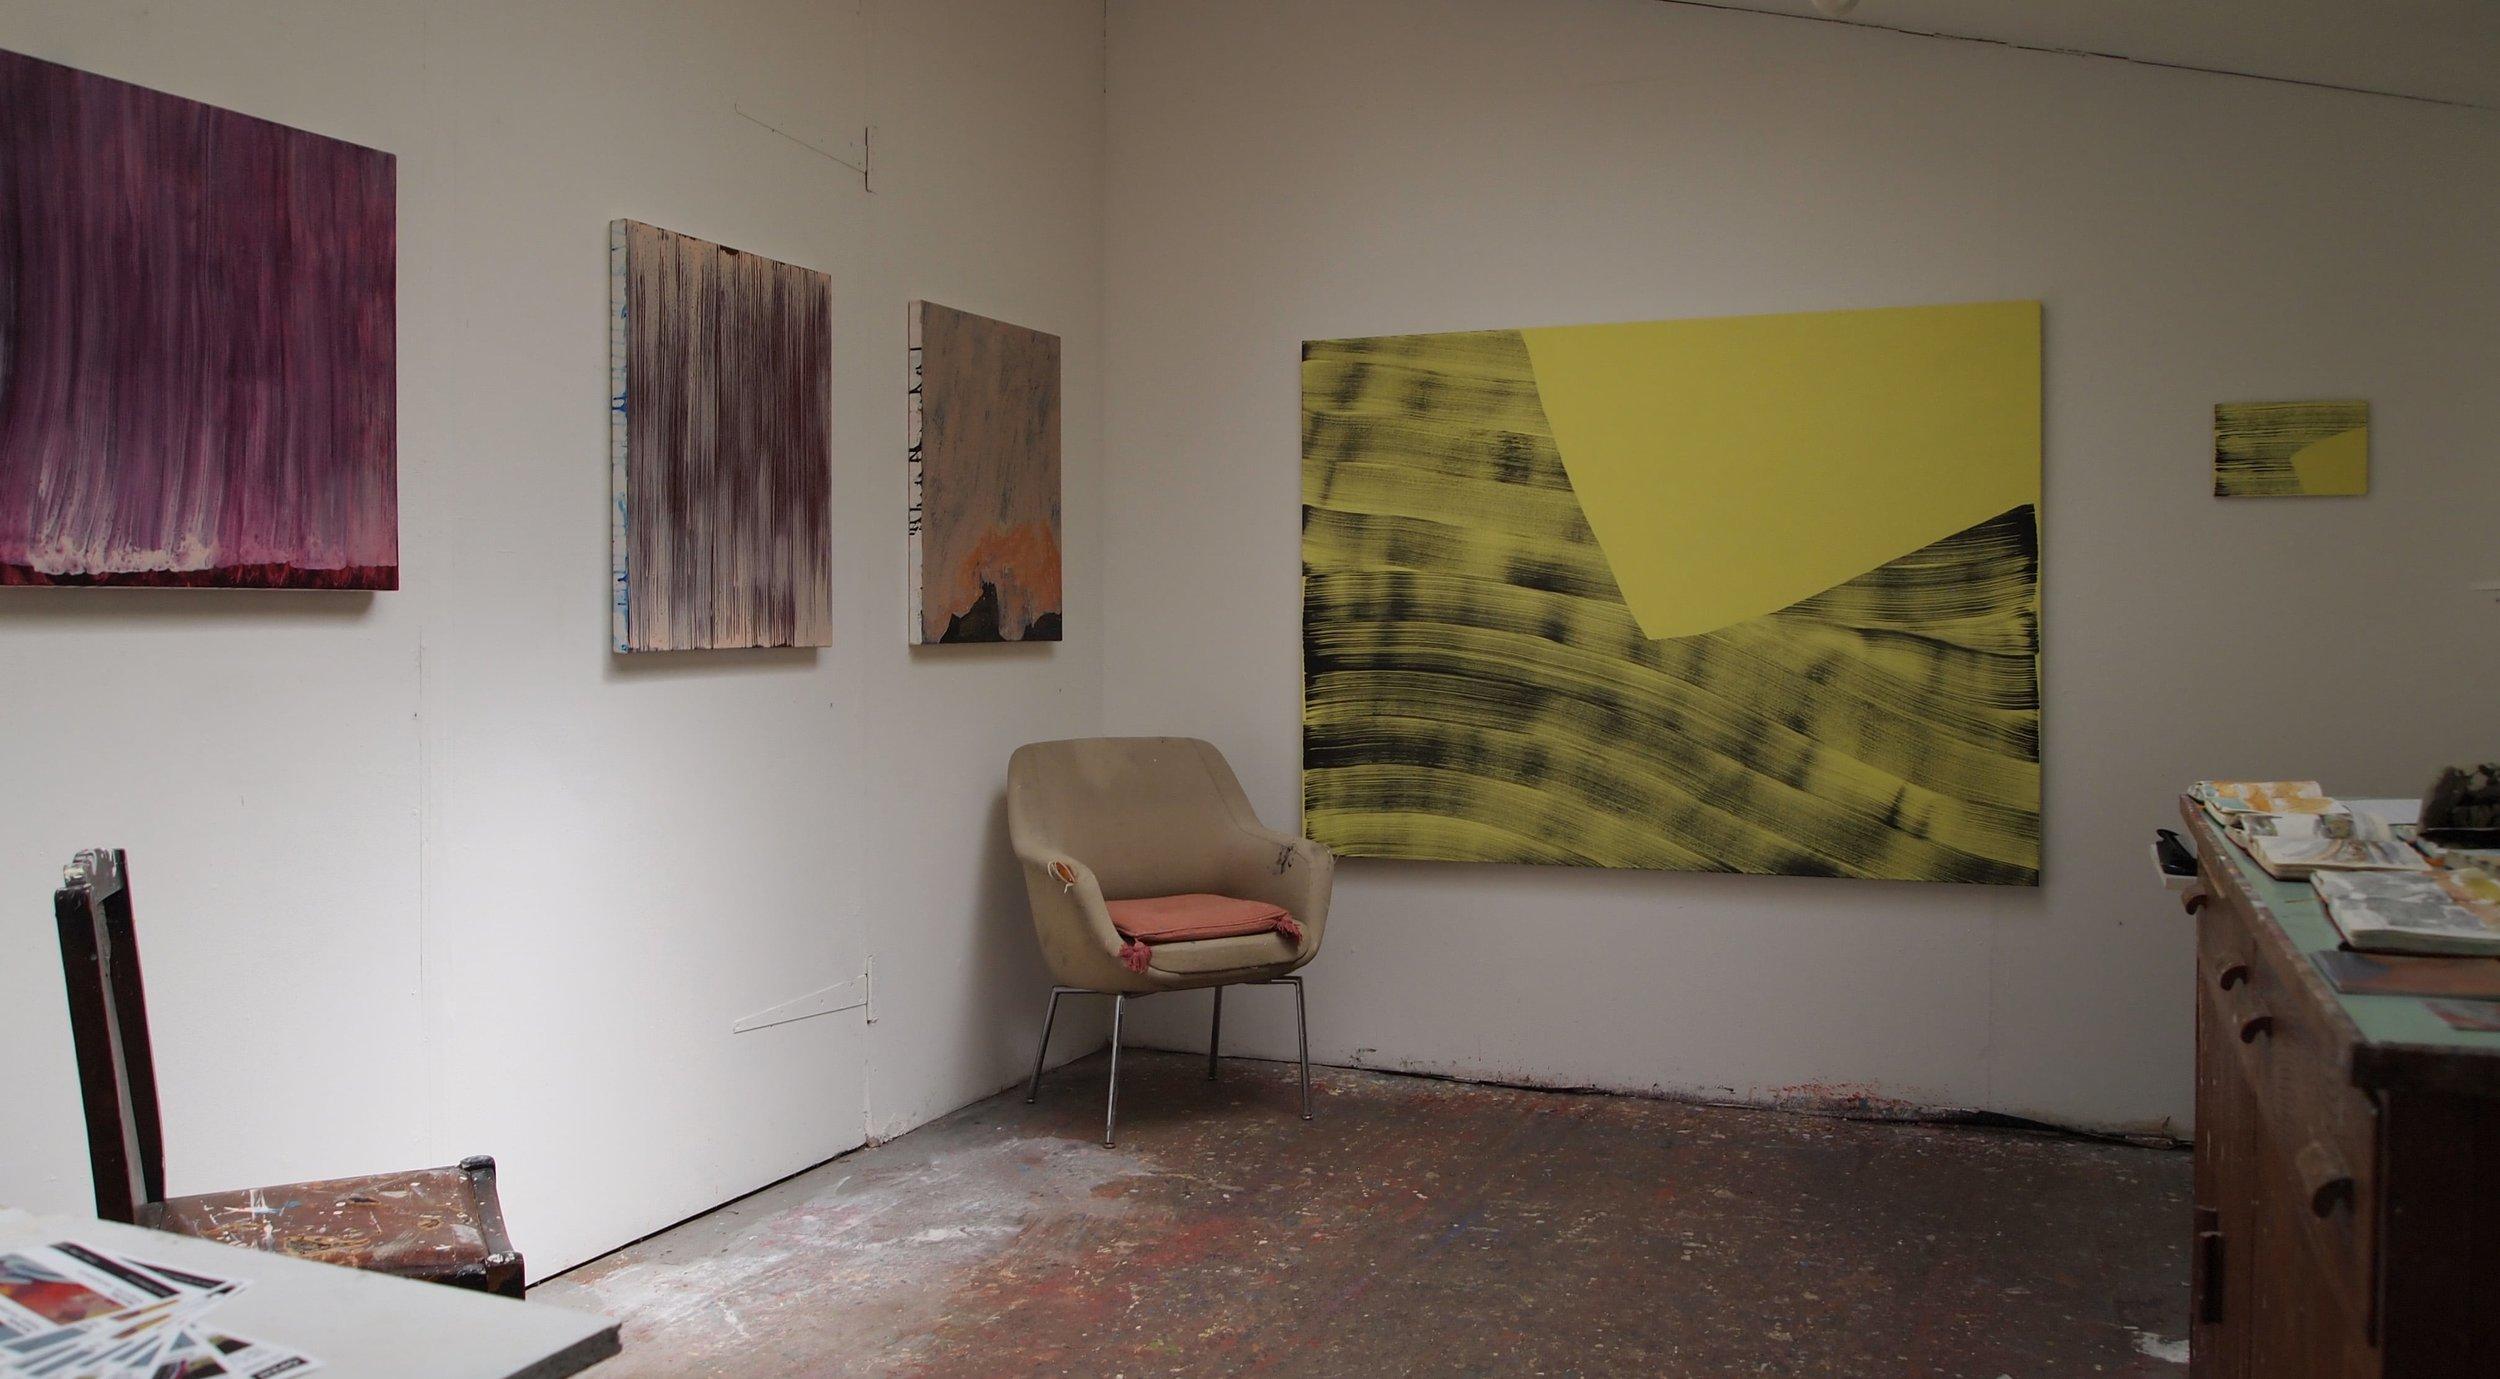 Studio view 2015